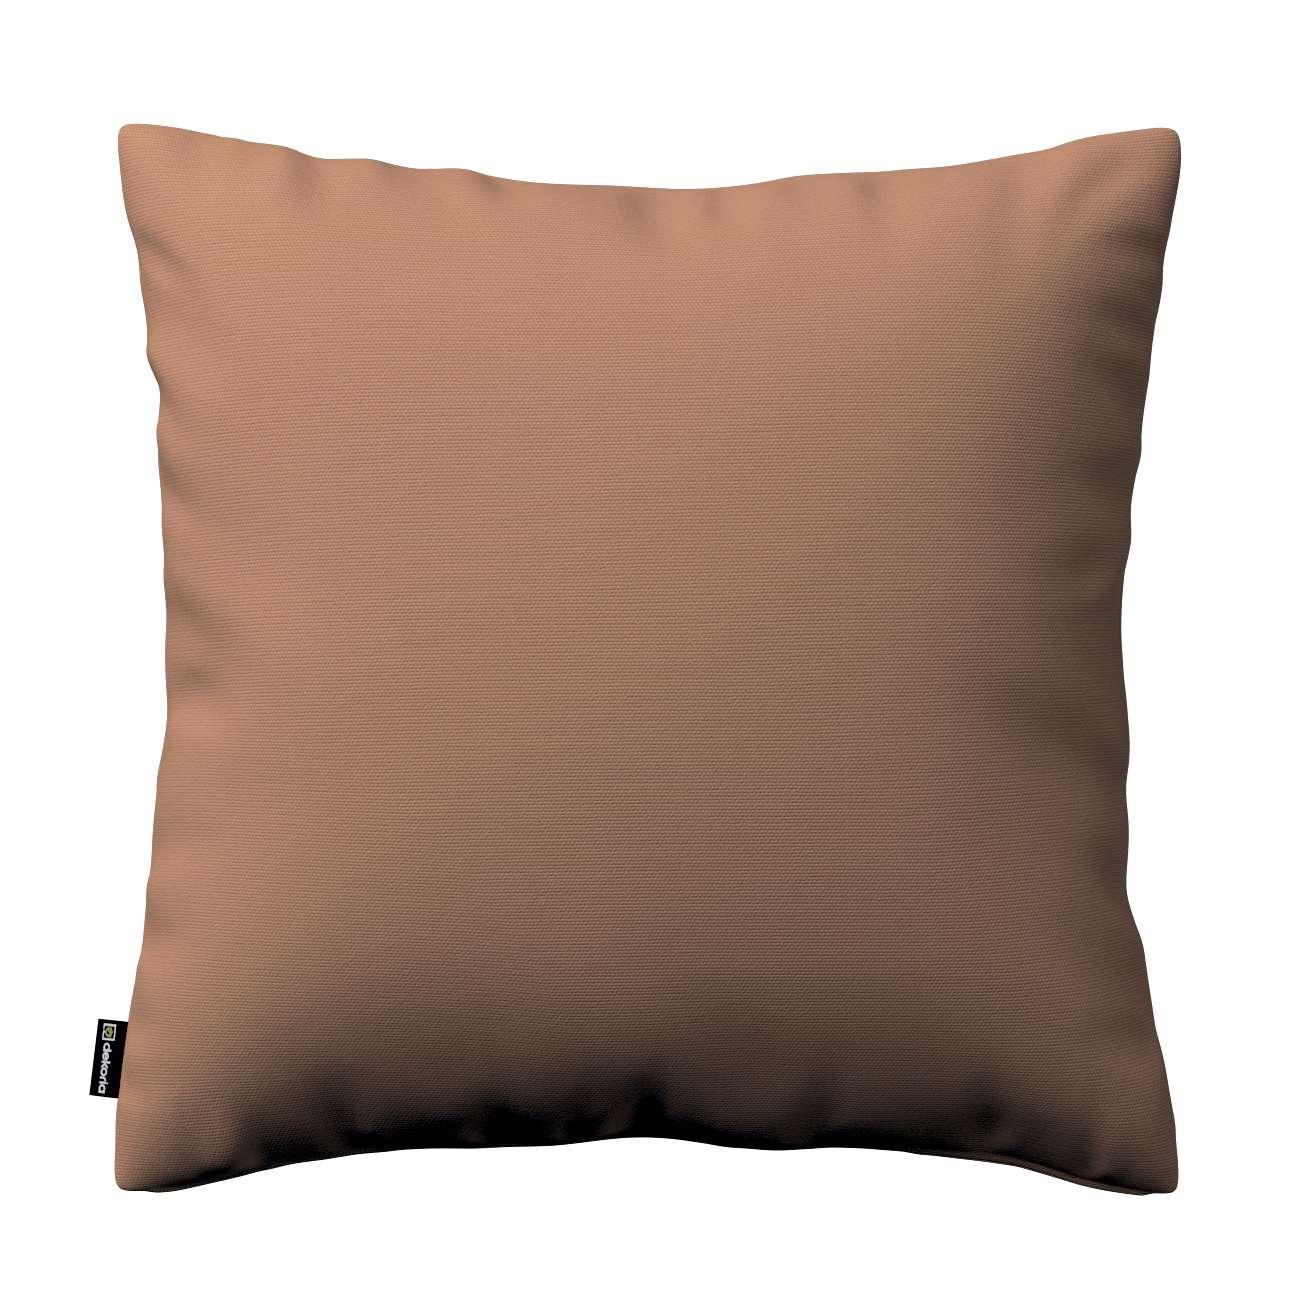 Kinga dekoratyvinės pagalvėlės užvalkalas 43 x 43 cm kolekcijoje Cotton Panama, audinys: 702-02